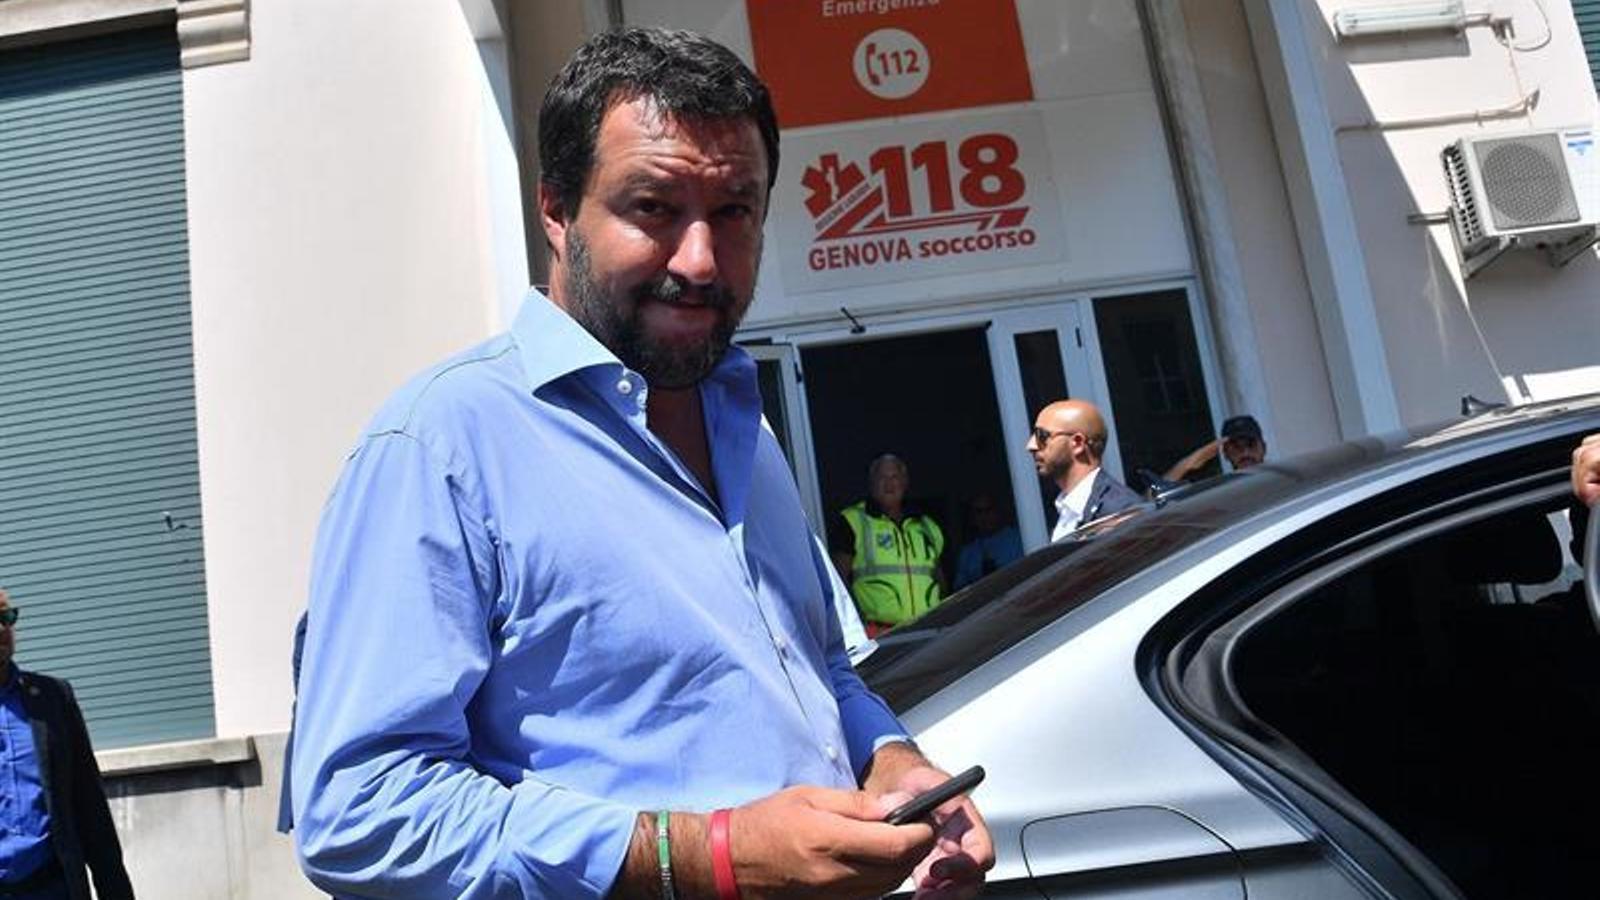 Matteo Salvini durant la seva arribada a l'hospital de San Marino, per donar suport a les víctimes.